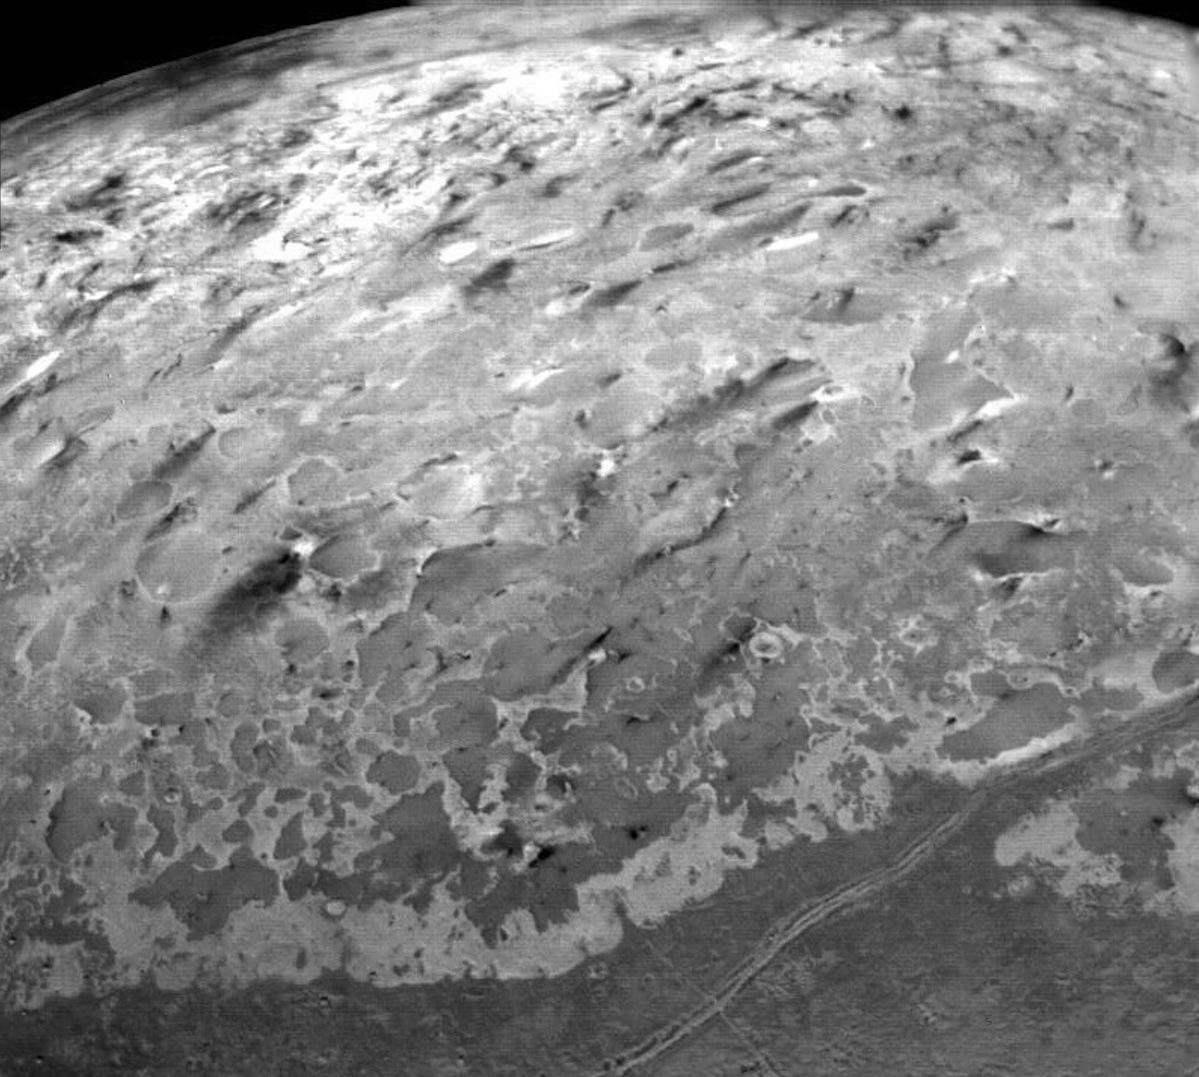 Гейзеры на поверхности спутника